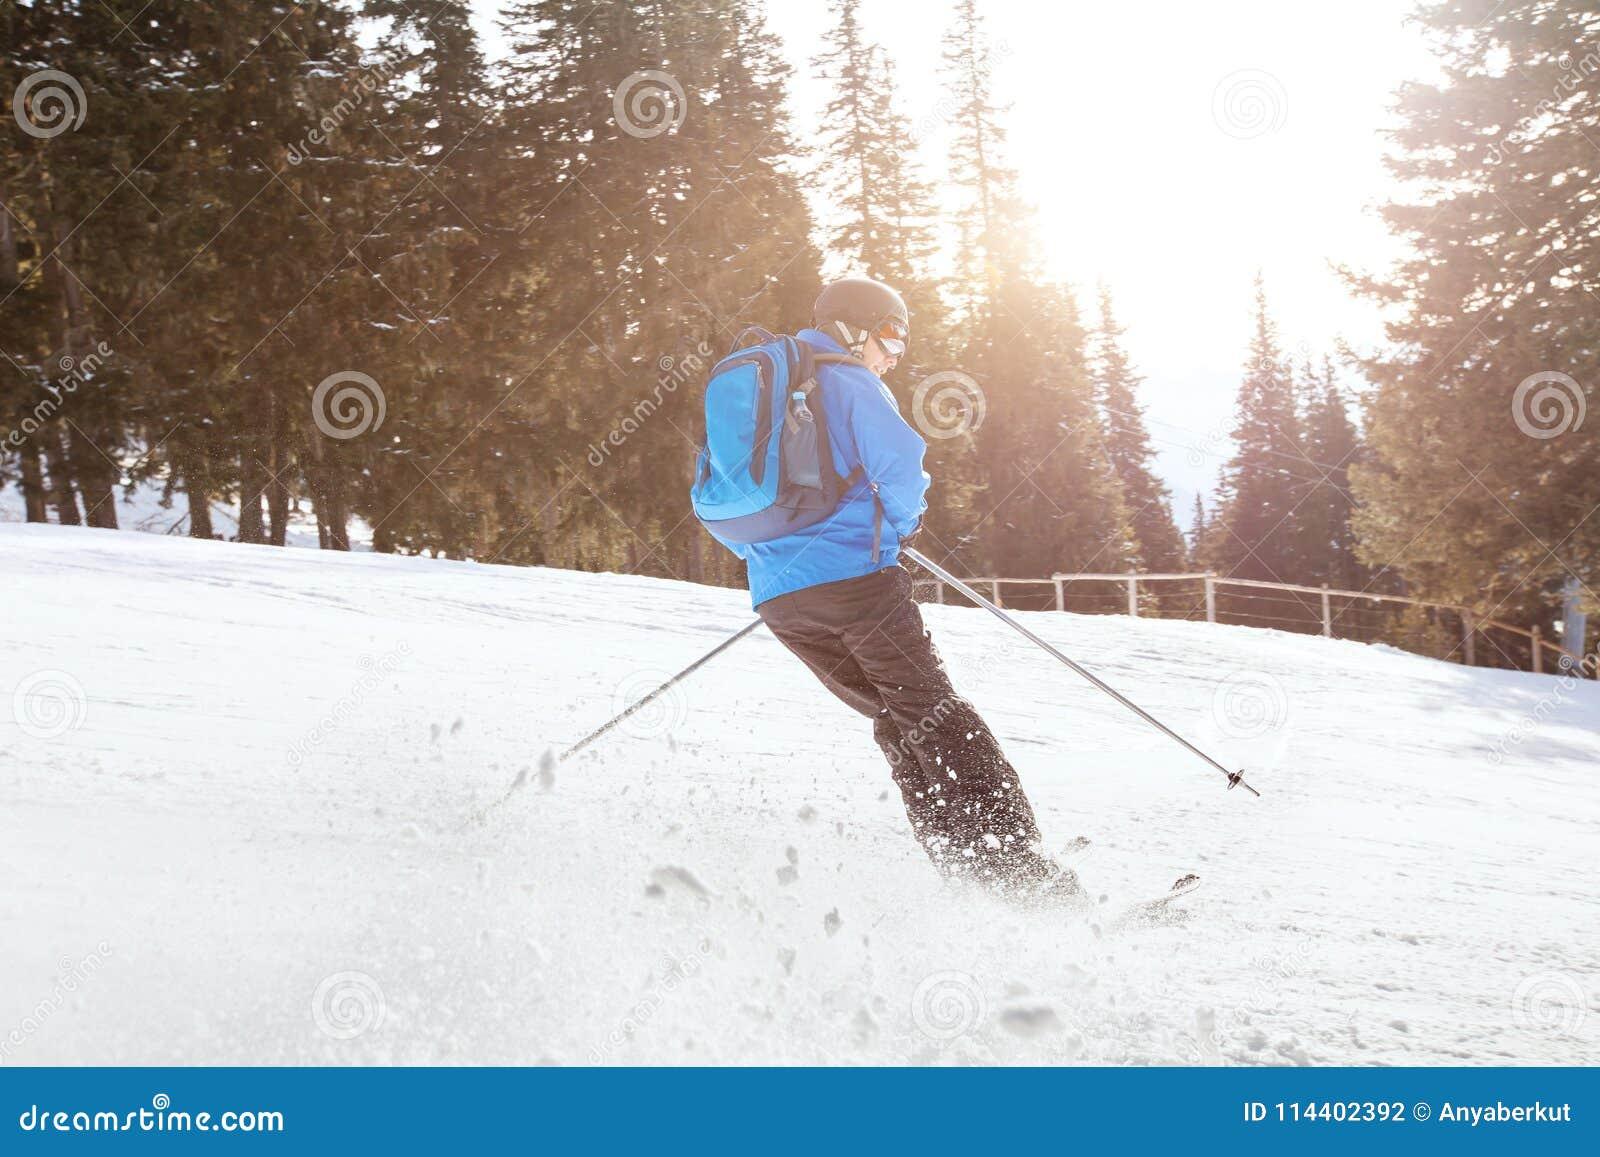 Esqui em declive